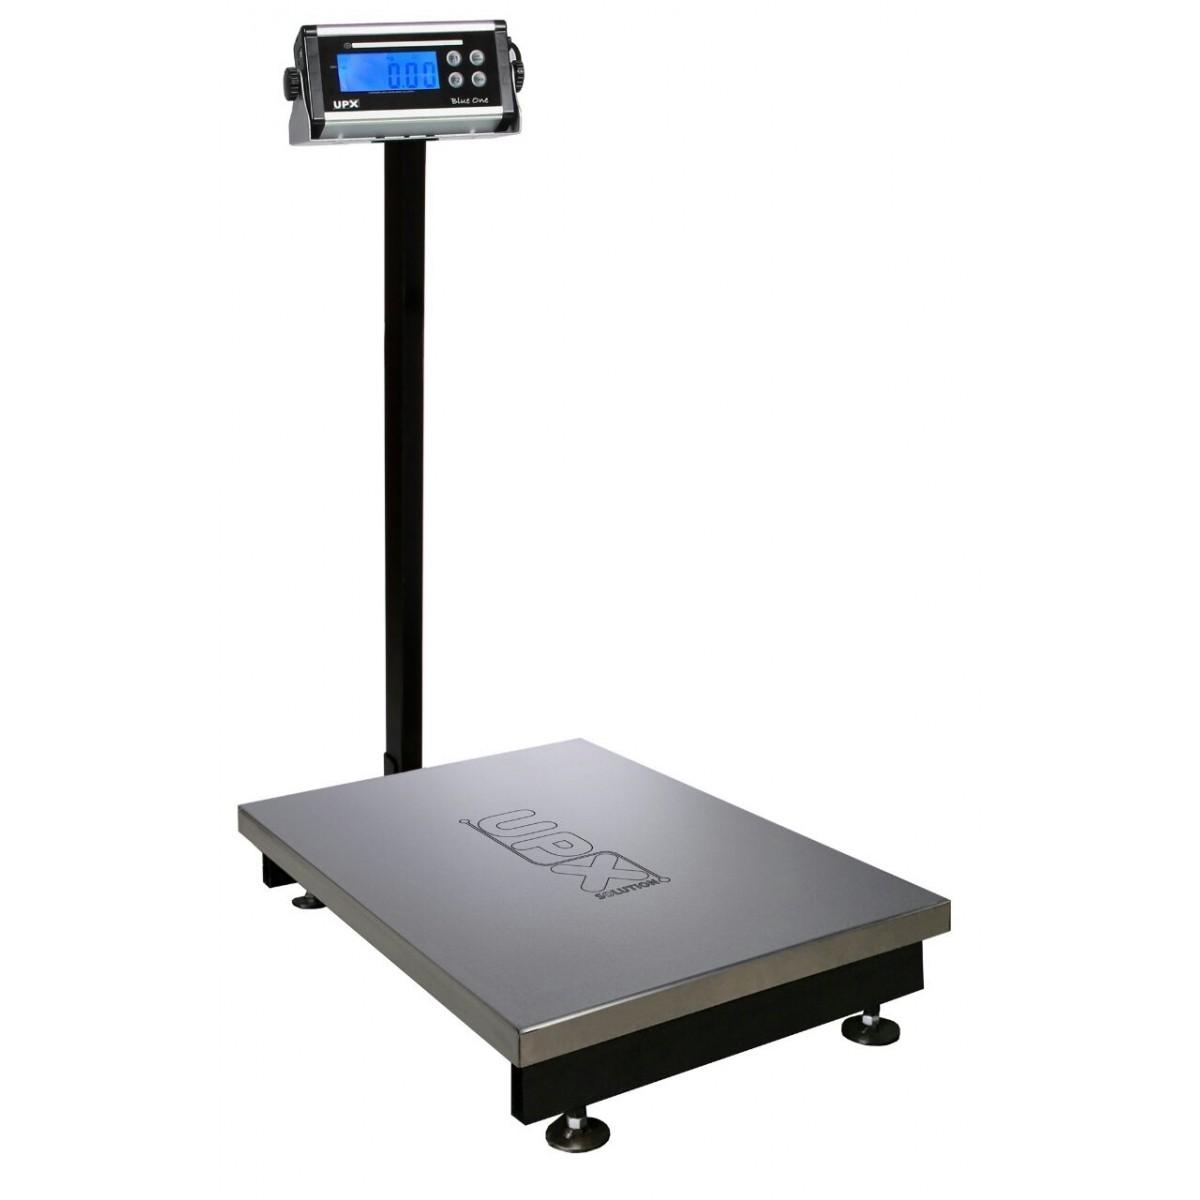 Balança 300kg C/ Bateria 140 horas - Plataforma 44x60cm - Com Coluna